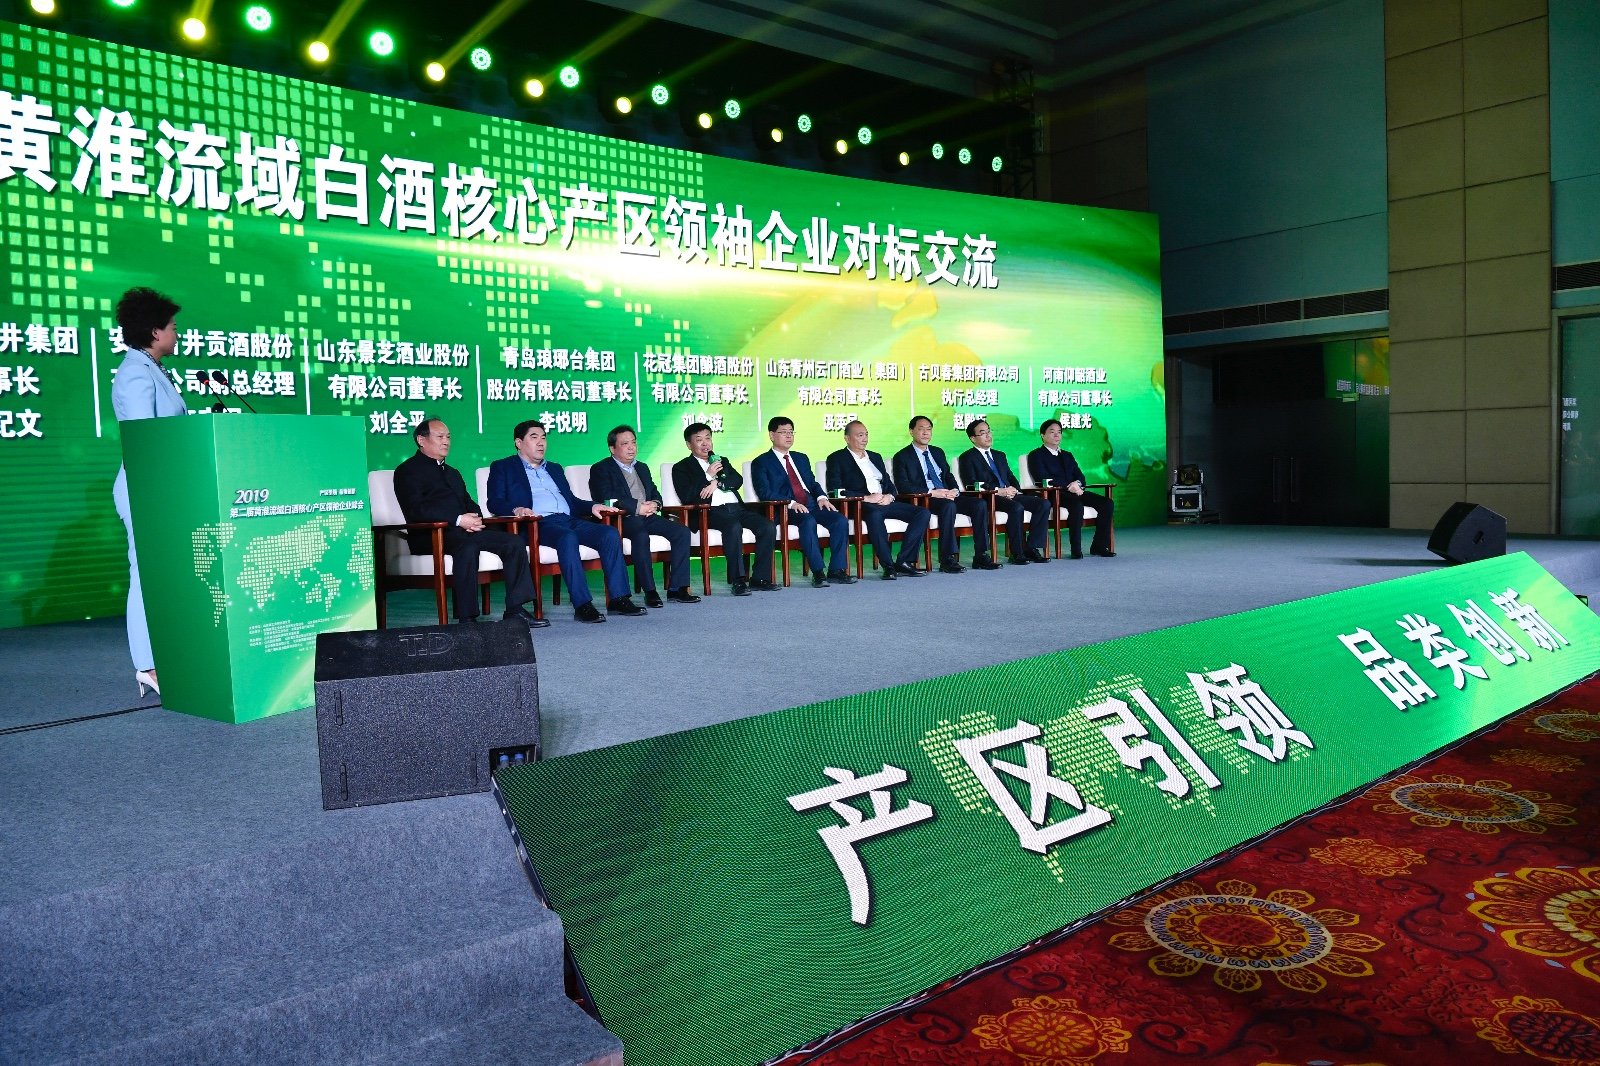 第二届黄淮流域白酒核心产区领袖企业峰会欢迎联谊会在济南举行